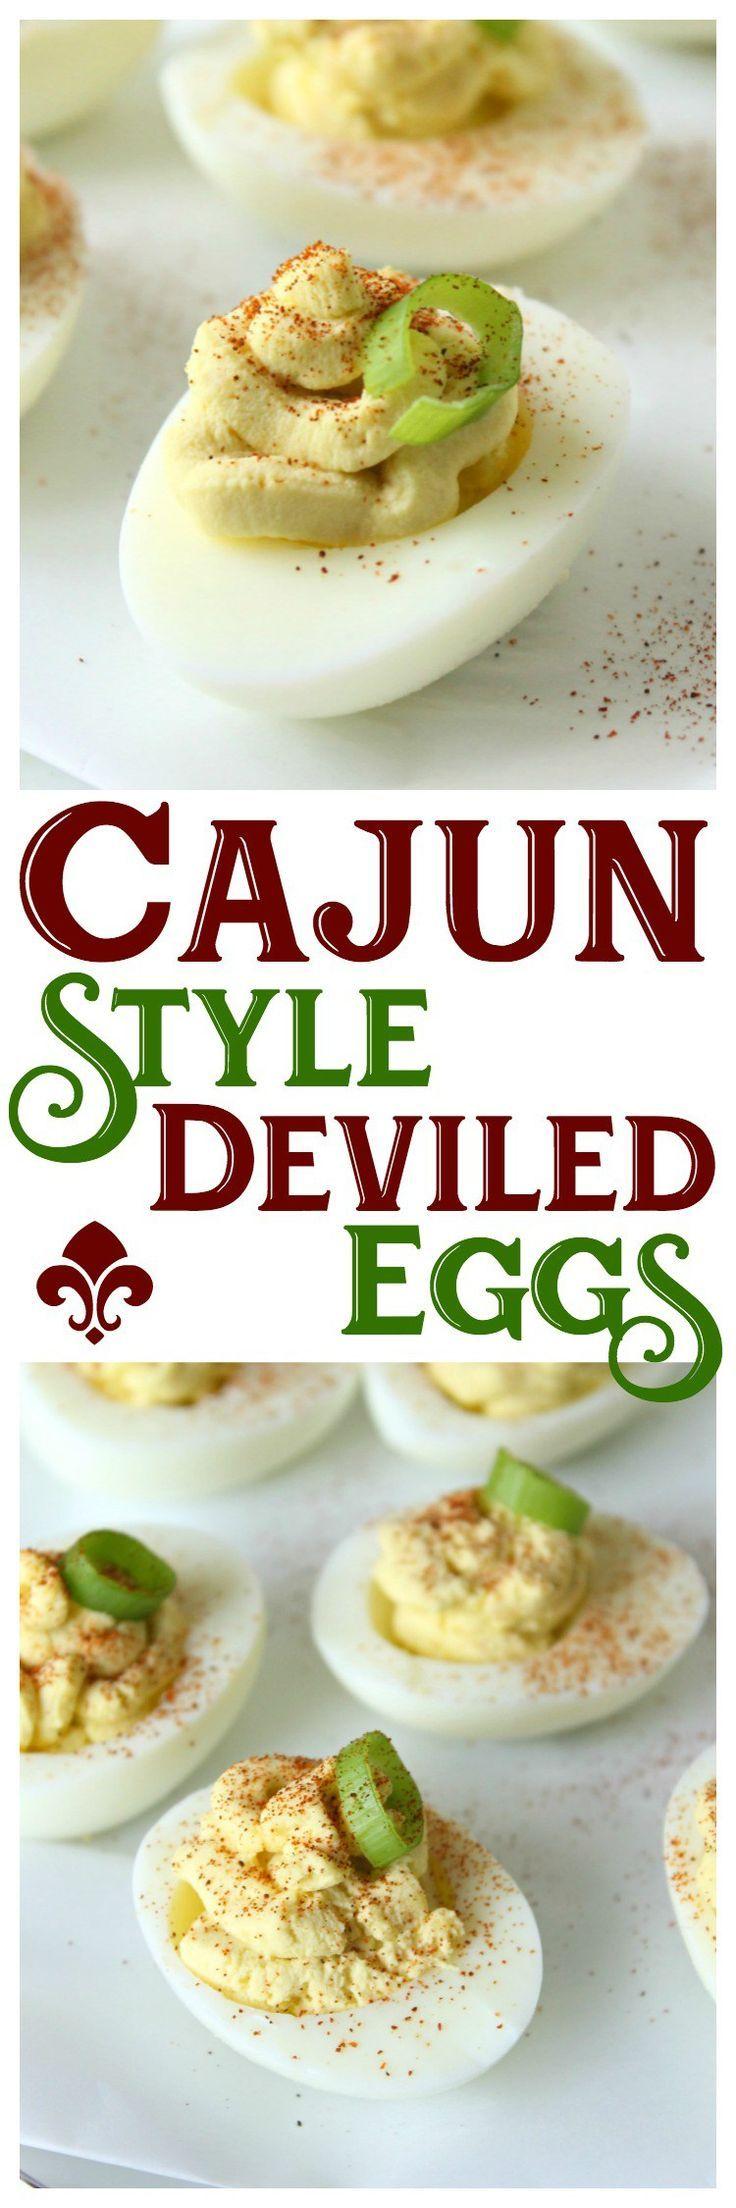 deviled eggs keto recipe